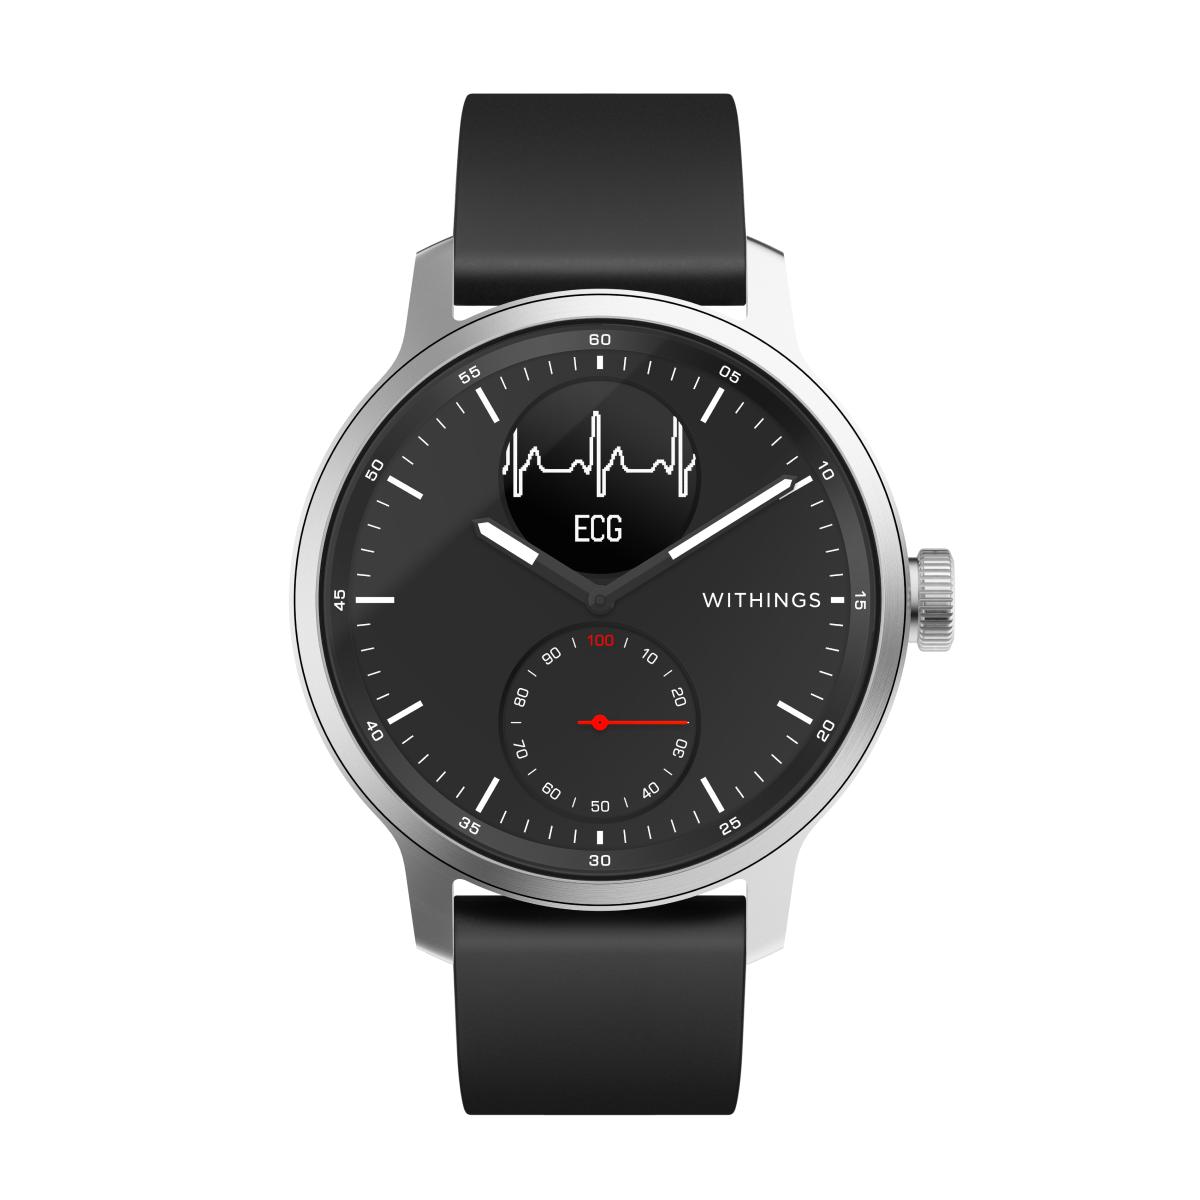 Withings ScanWatch, 42mm, Noir - Montre Connectee hybride avec ECG, capteur de frequence cardiaque et oxymetre de pouls (SPO2)